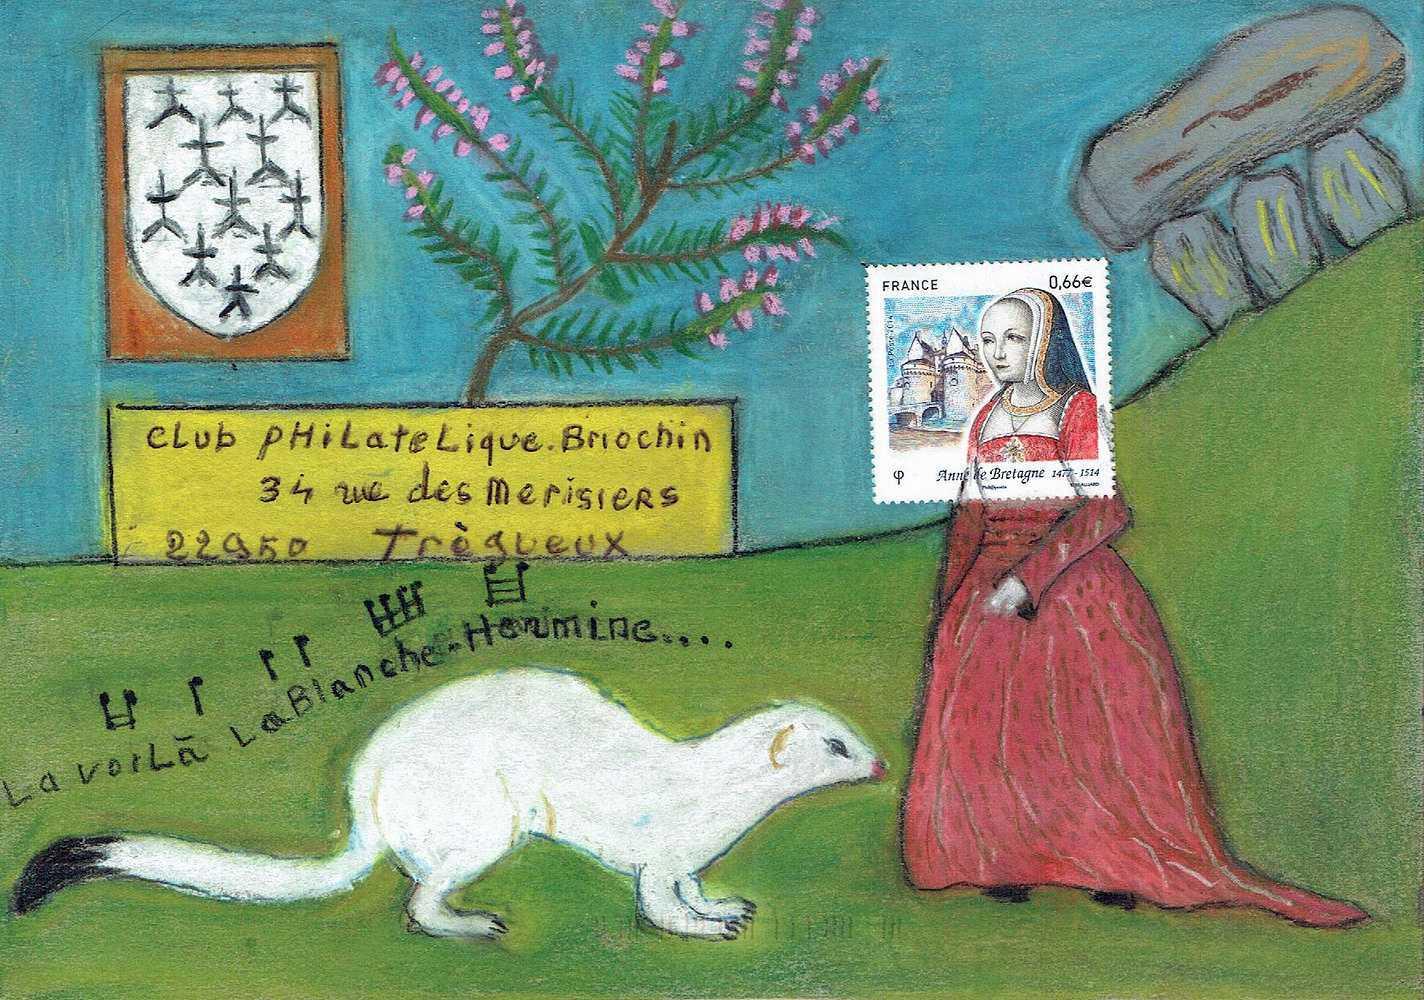 2ème exposition d''art postal à SAINT-BRIEUC les 2 et 3 avril 2016 0